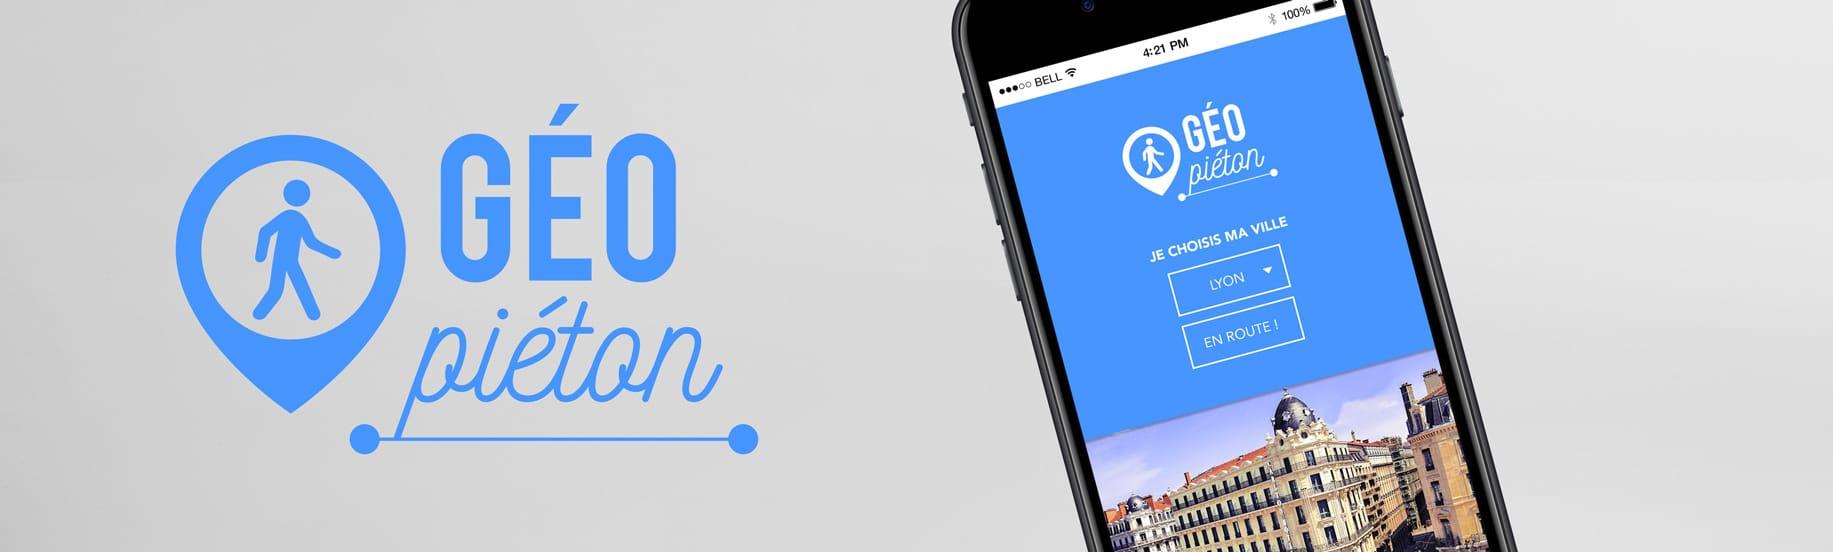 Identité visuelle et page d'accueil de l'application